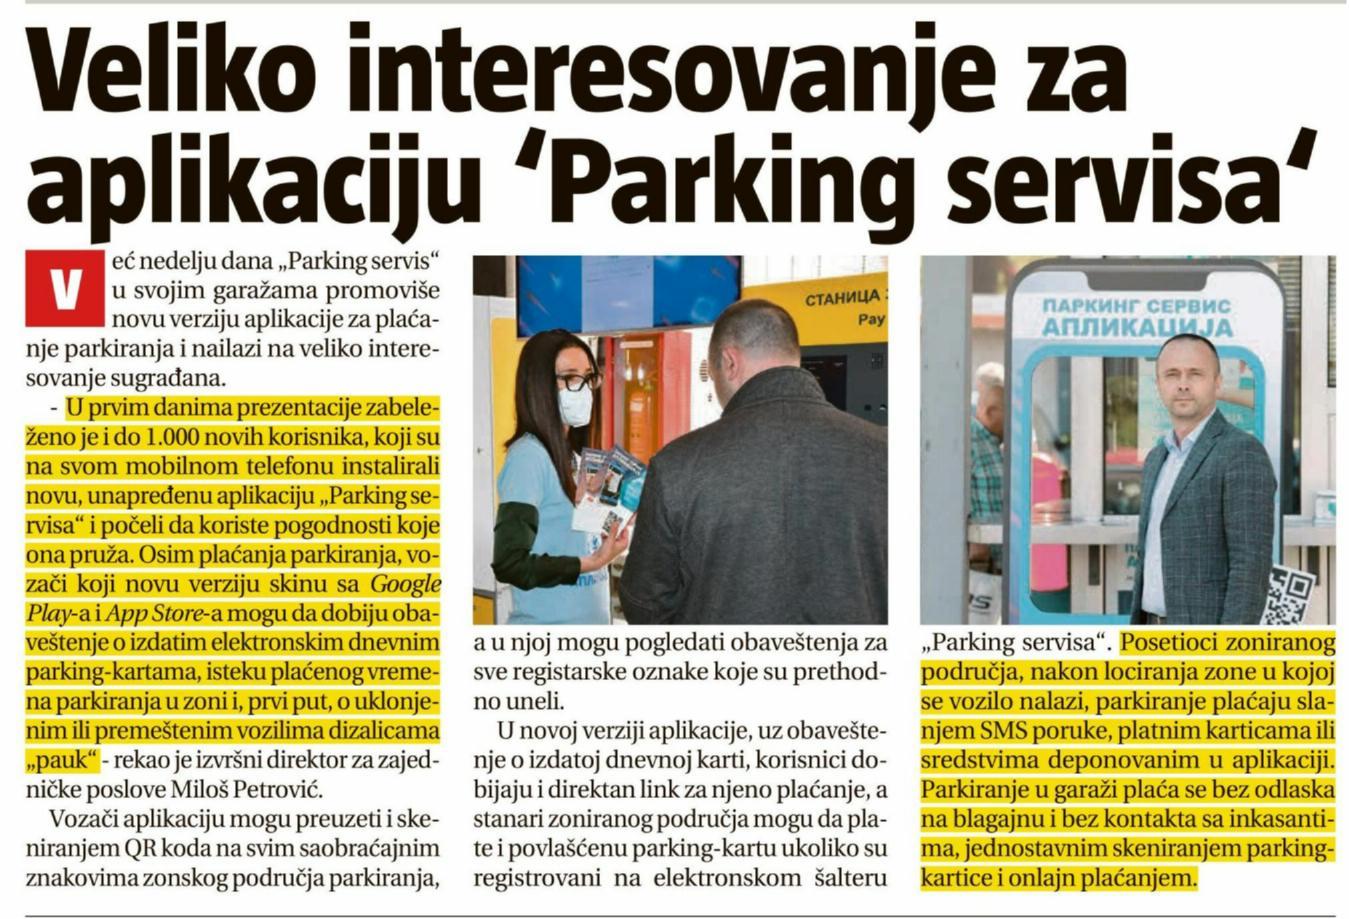 veliko-interesovanje-za-aplikaciju-parking-servisa-informer-19052021-0